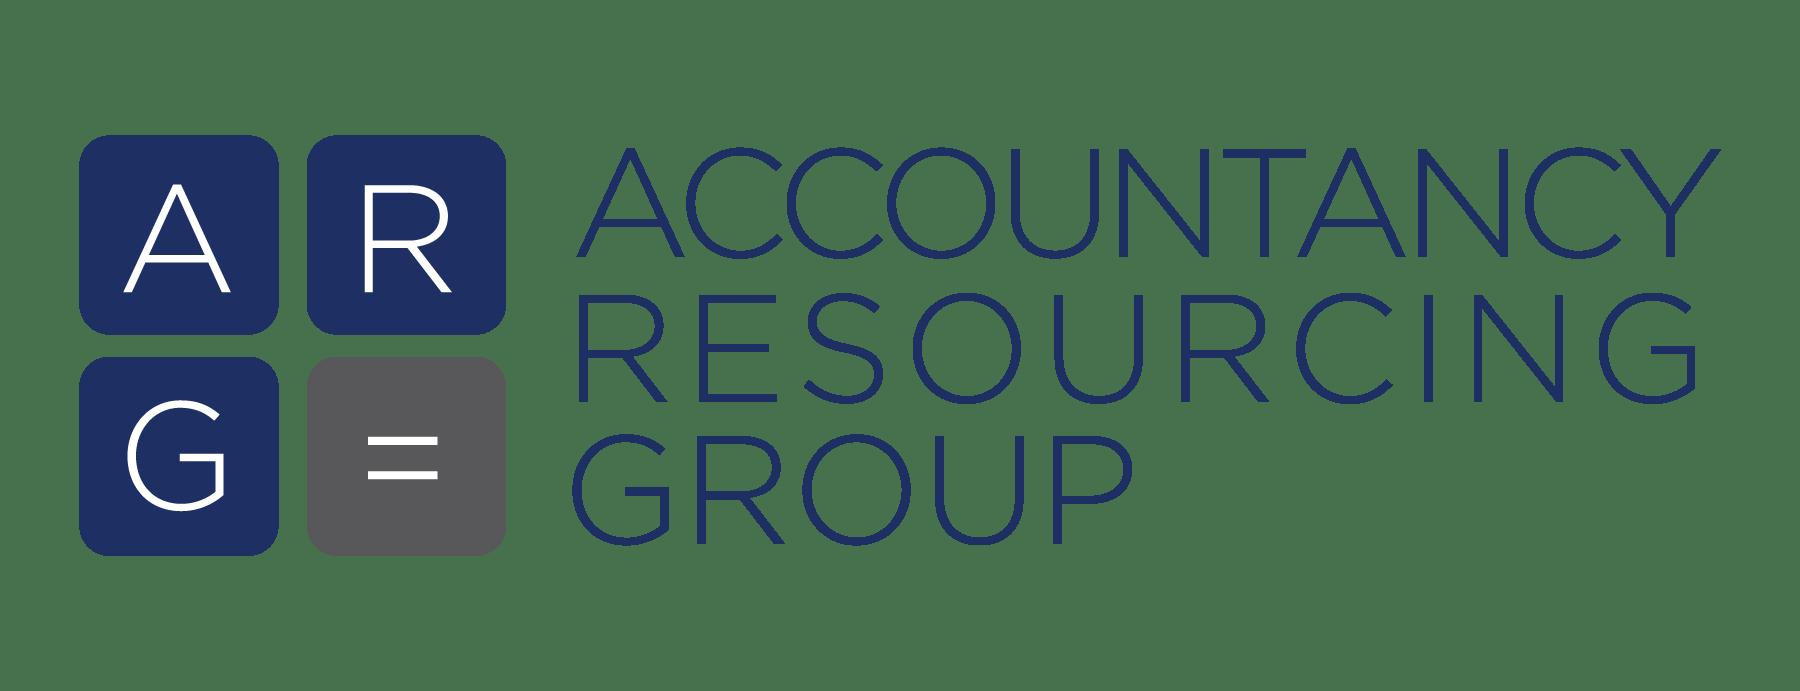 accountancyresourcinggroup.co.uk